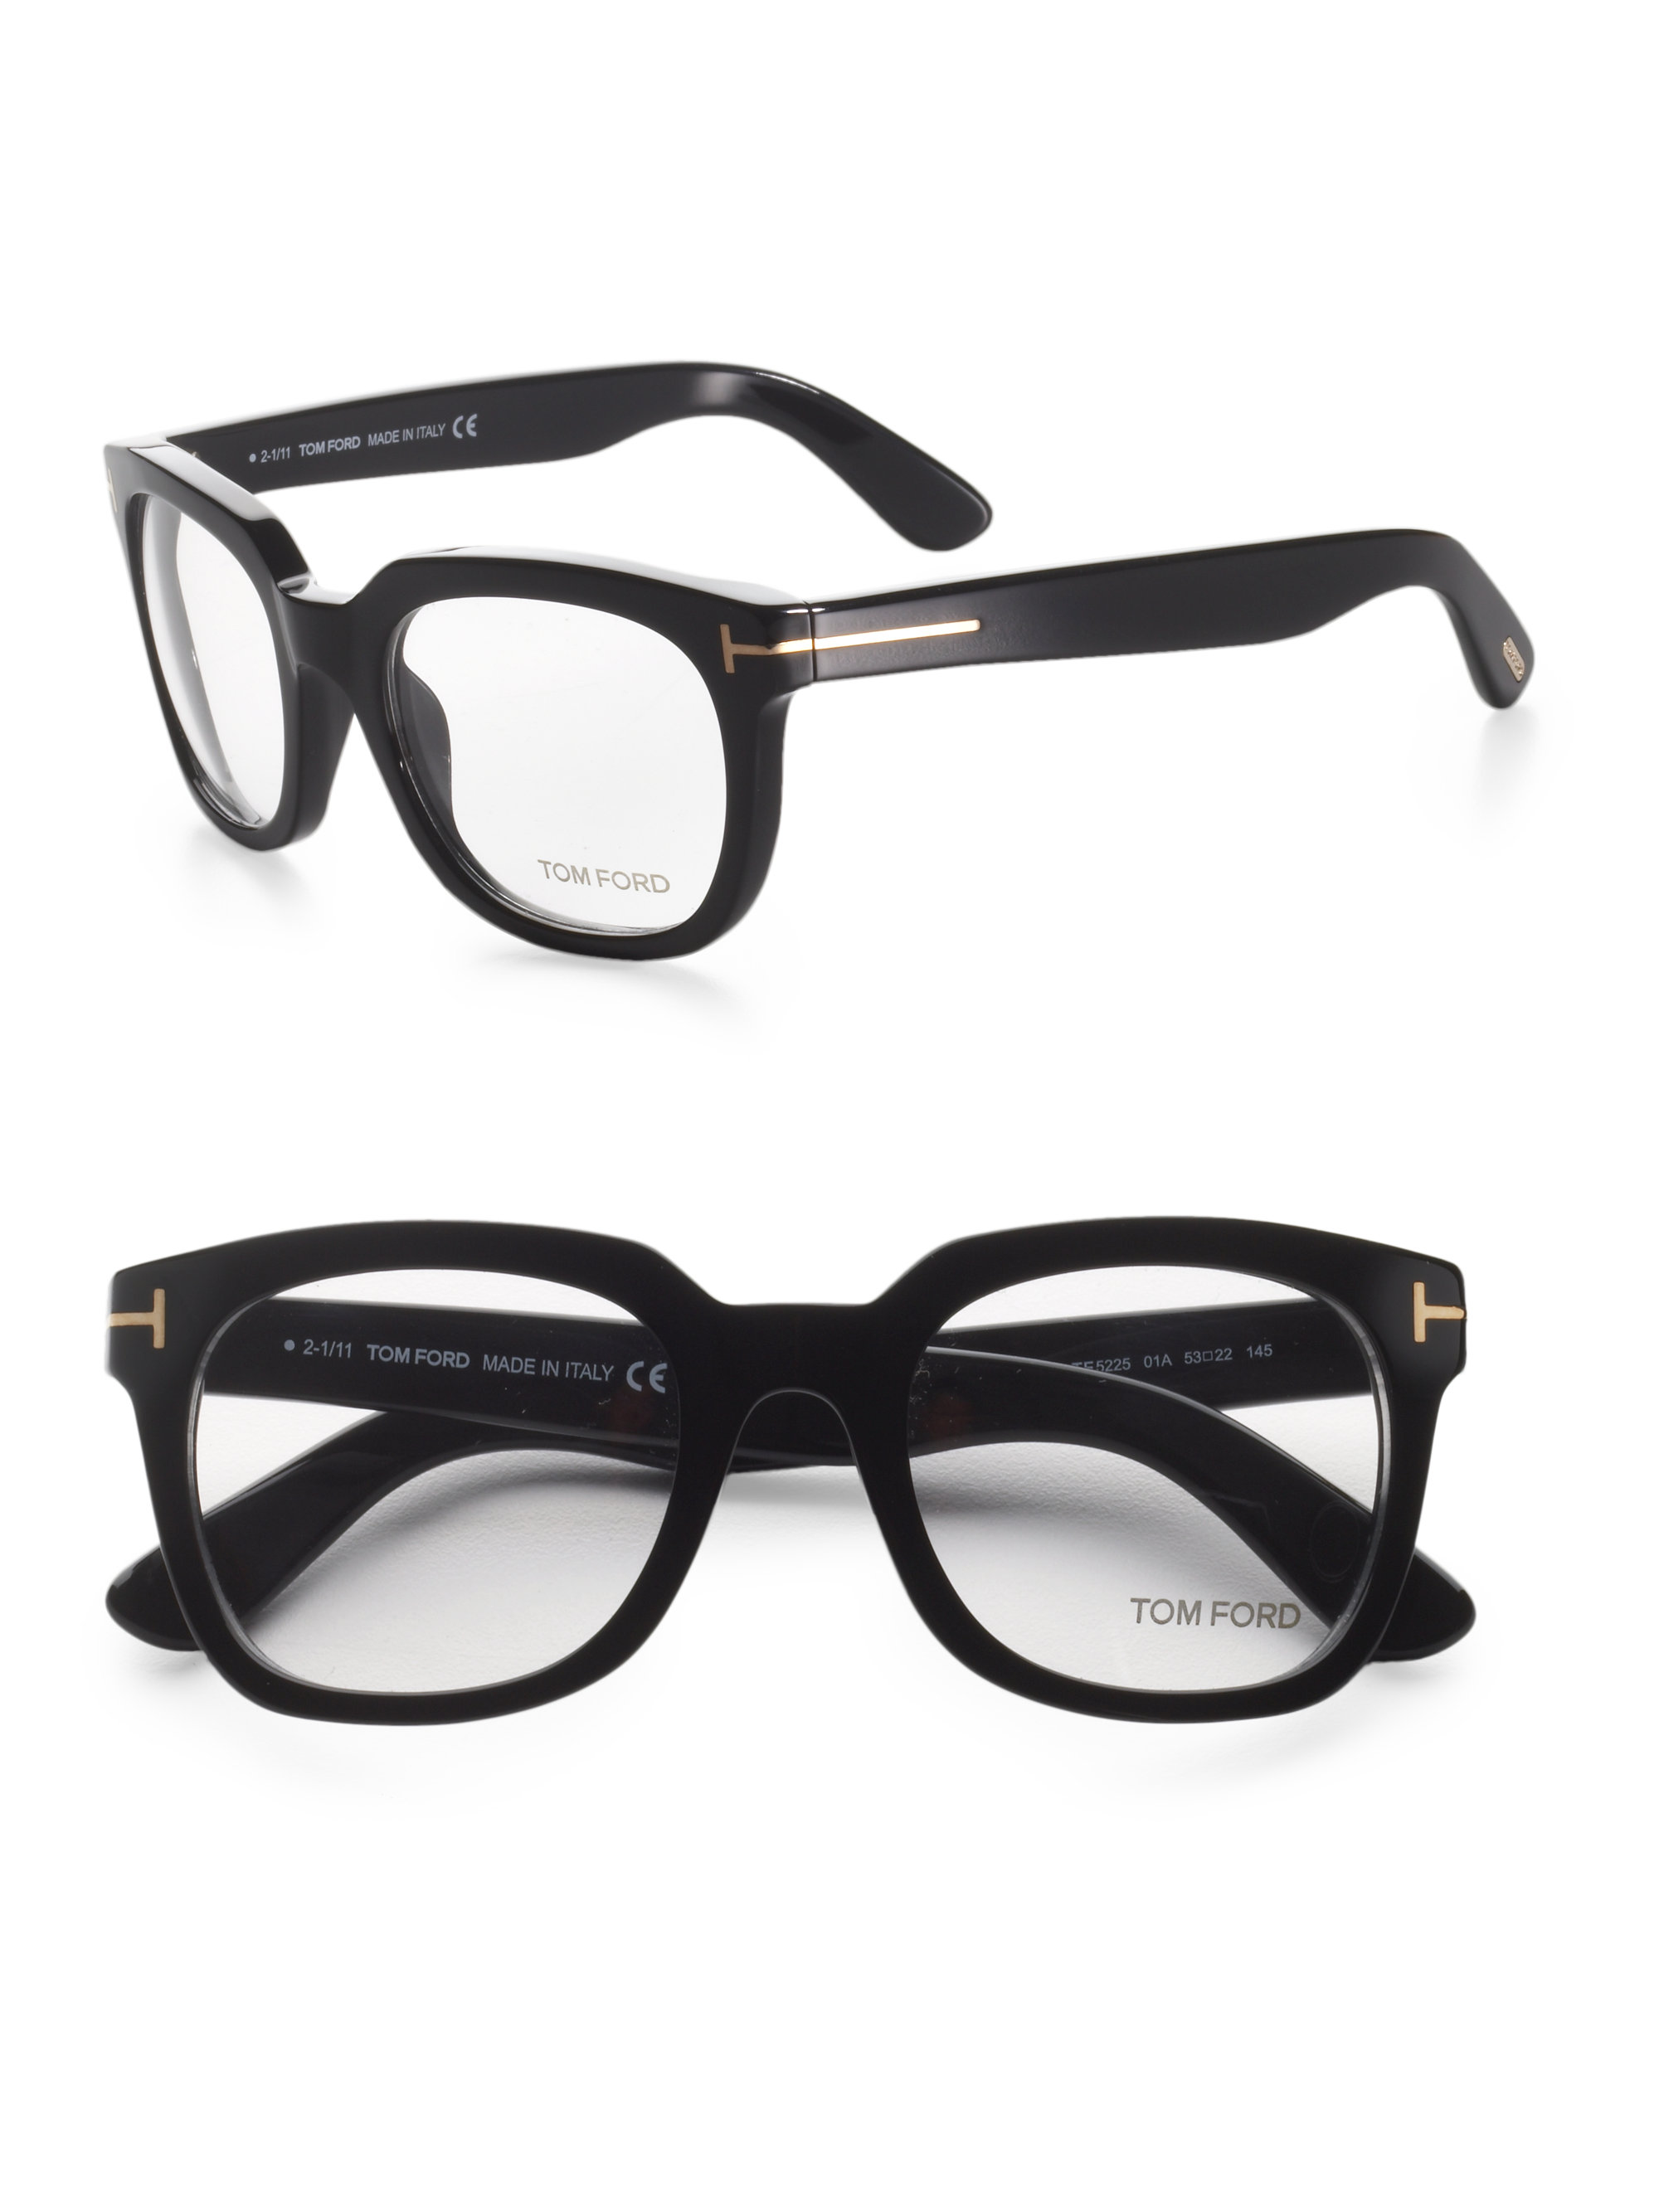 Lyst - Tom Ford Retro Optical Frames in Black for Men